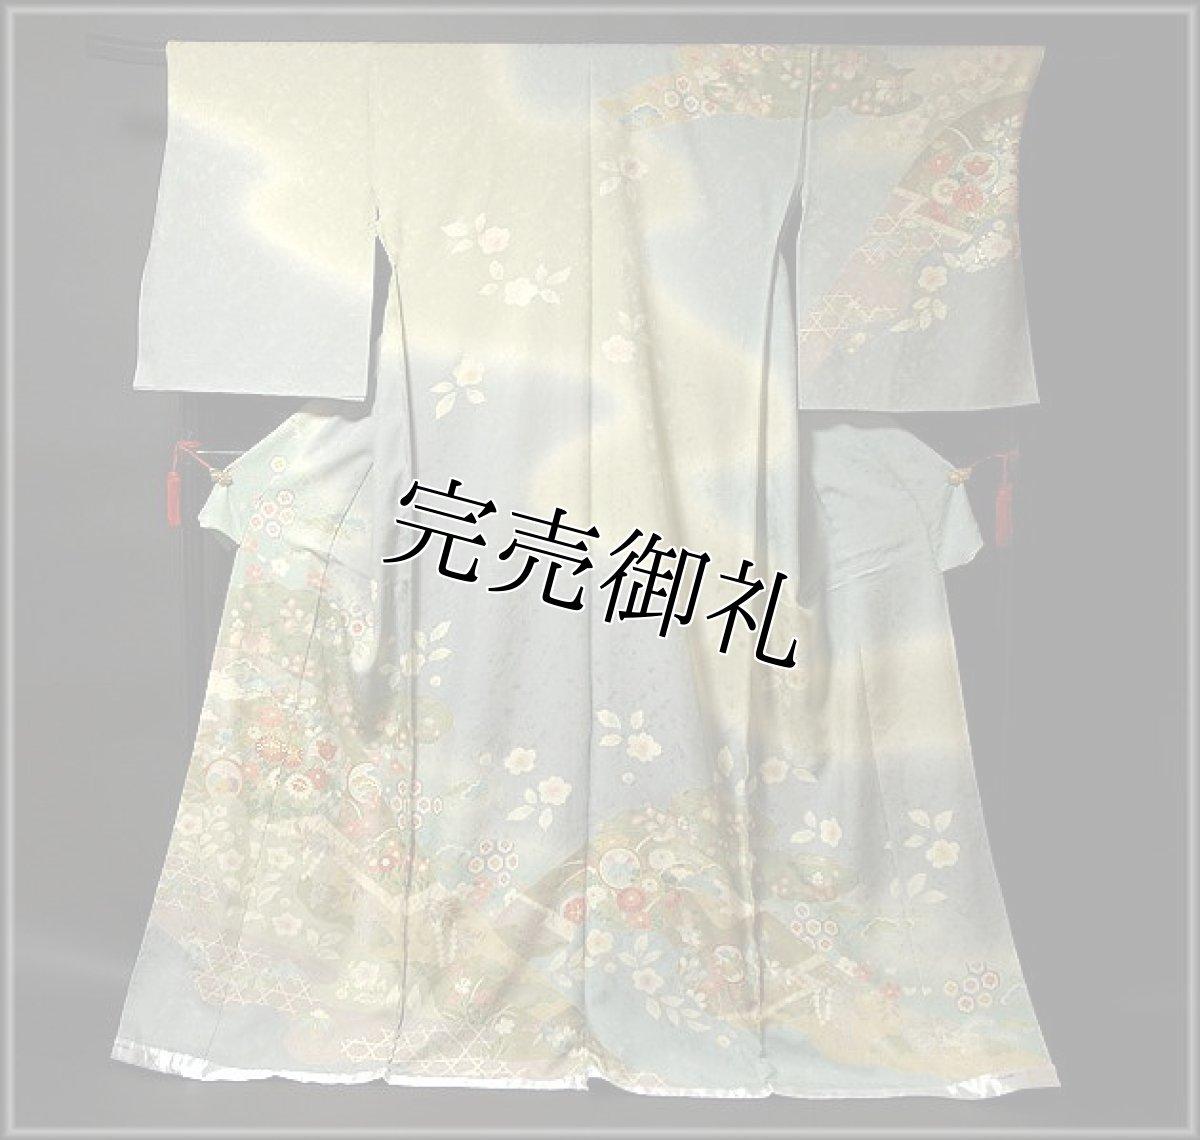 画像1: ■金彩に金駒刺繍 丹後ちりめん 超豪華 染め分け 訪問着■ (1)